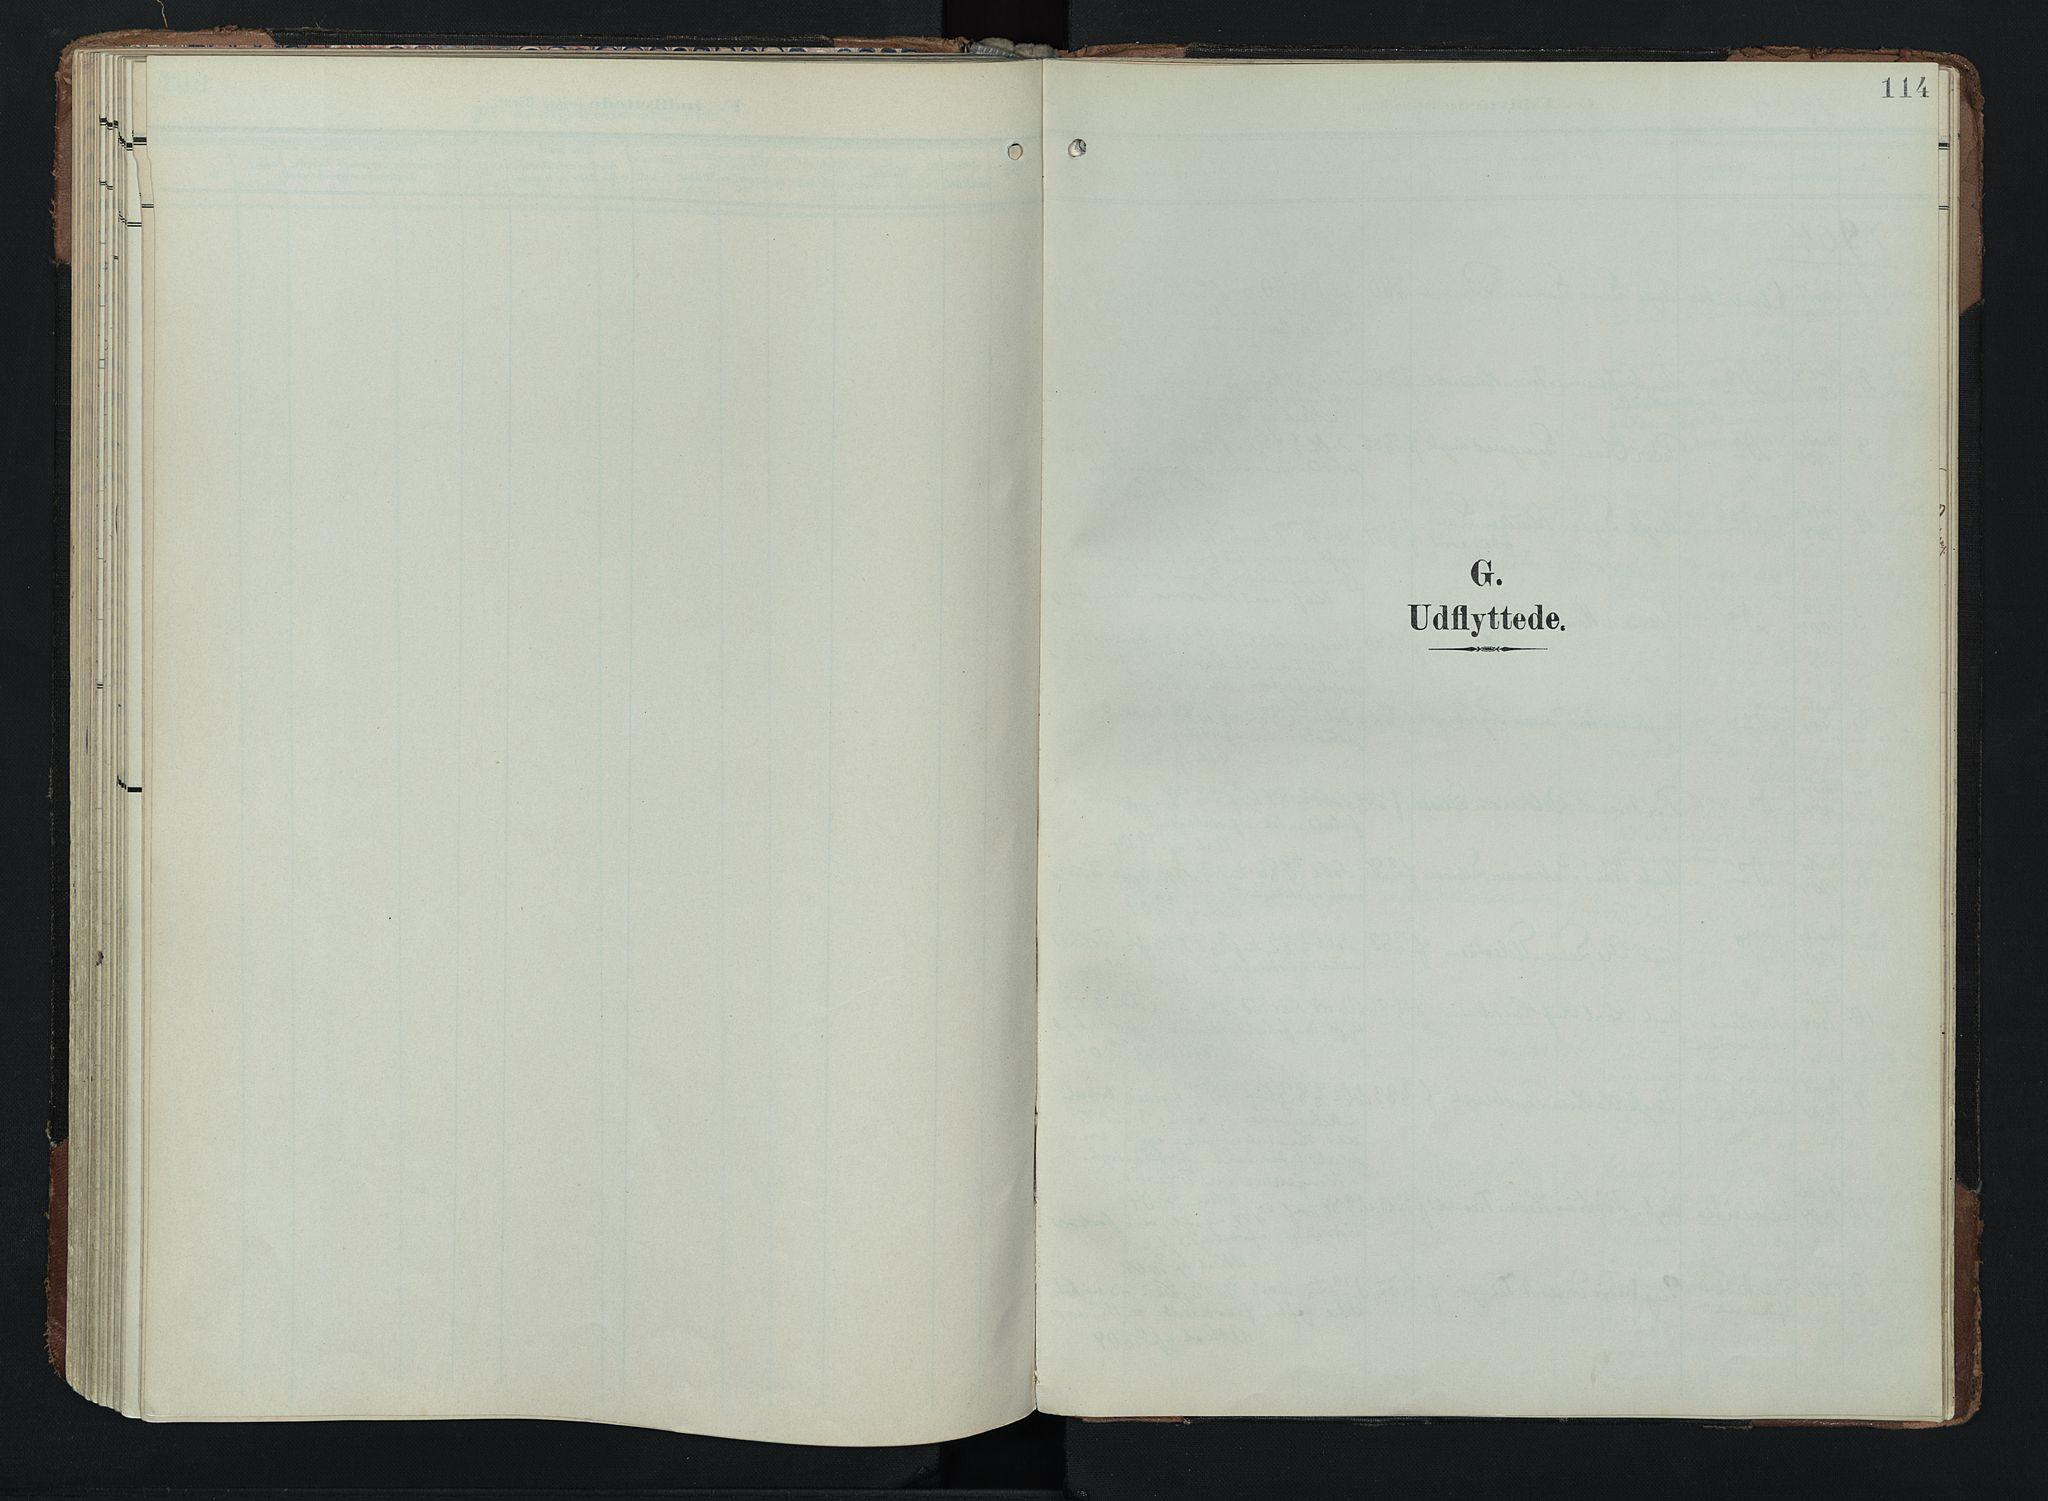 SAH, Lom prestekontor, K/L0011: Ministerialbok nr. 11, 1904-1928, s. 114